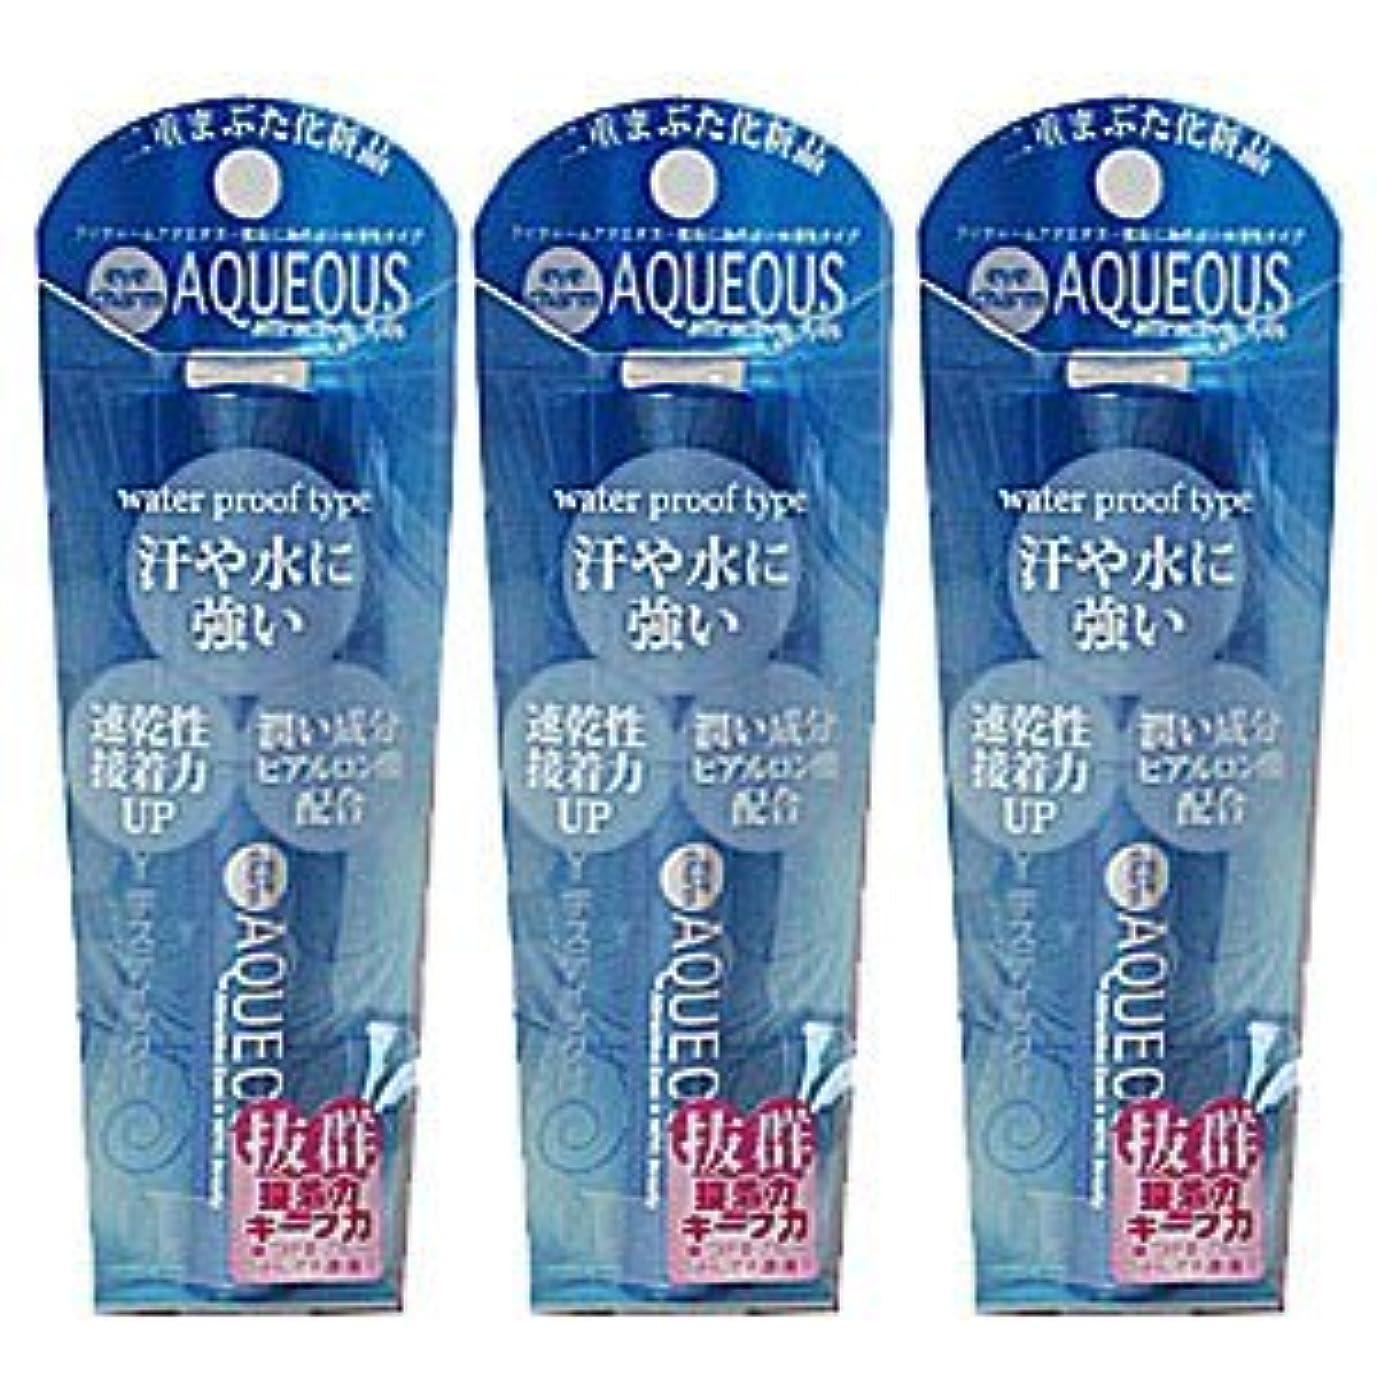 決定タックルボーカルLYON アイチャーム AQUEOUS NYe-120 (二重まぶた化粧品) 3個セット